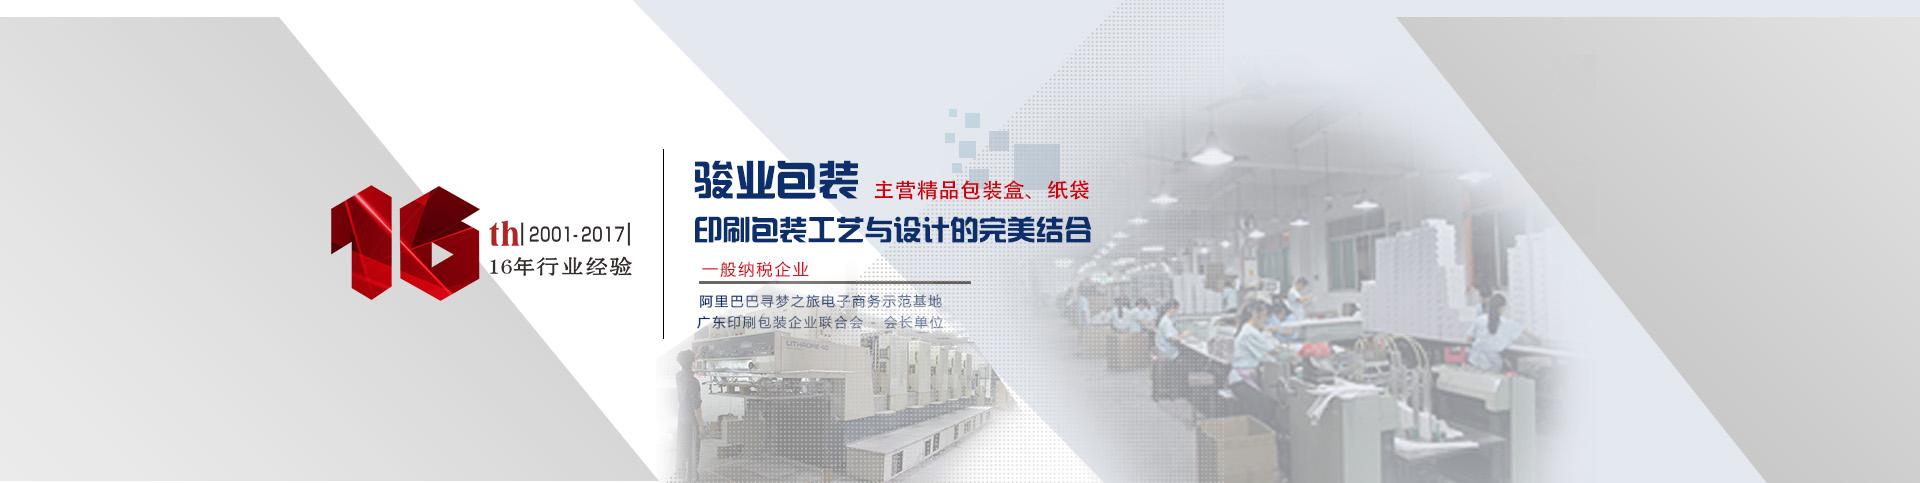 广州包装盒厂家-广州骏业包装实业有限公司